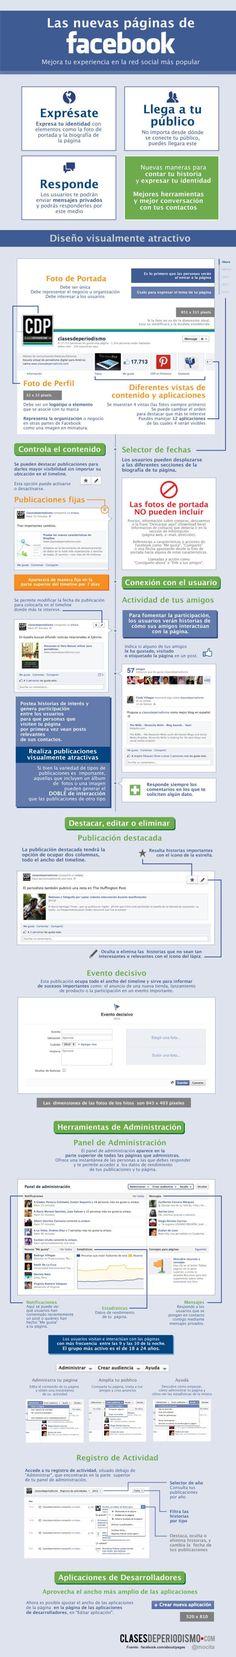 Todos sobre los cambios en las páginas de Facebook